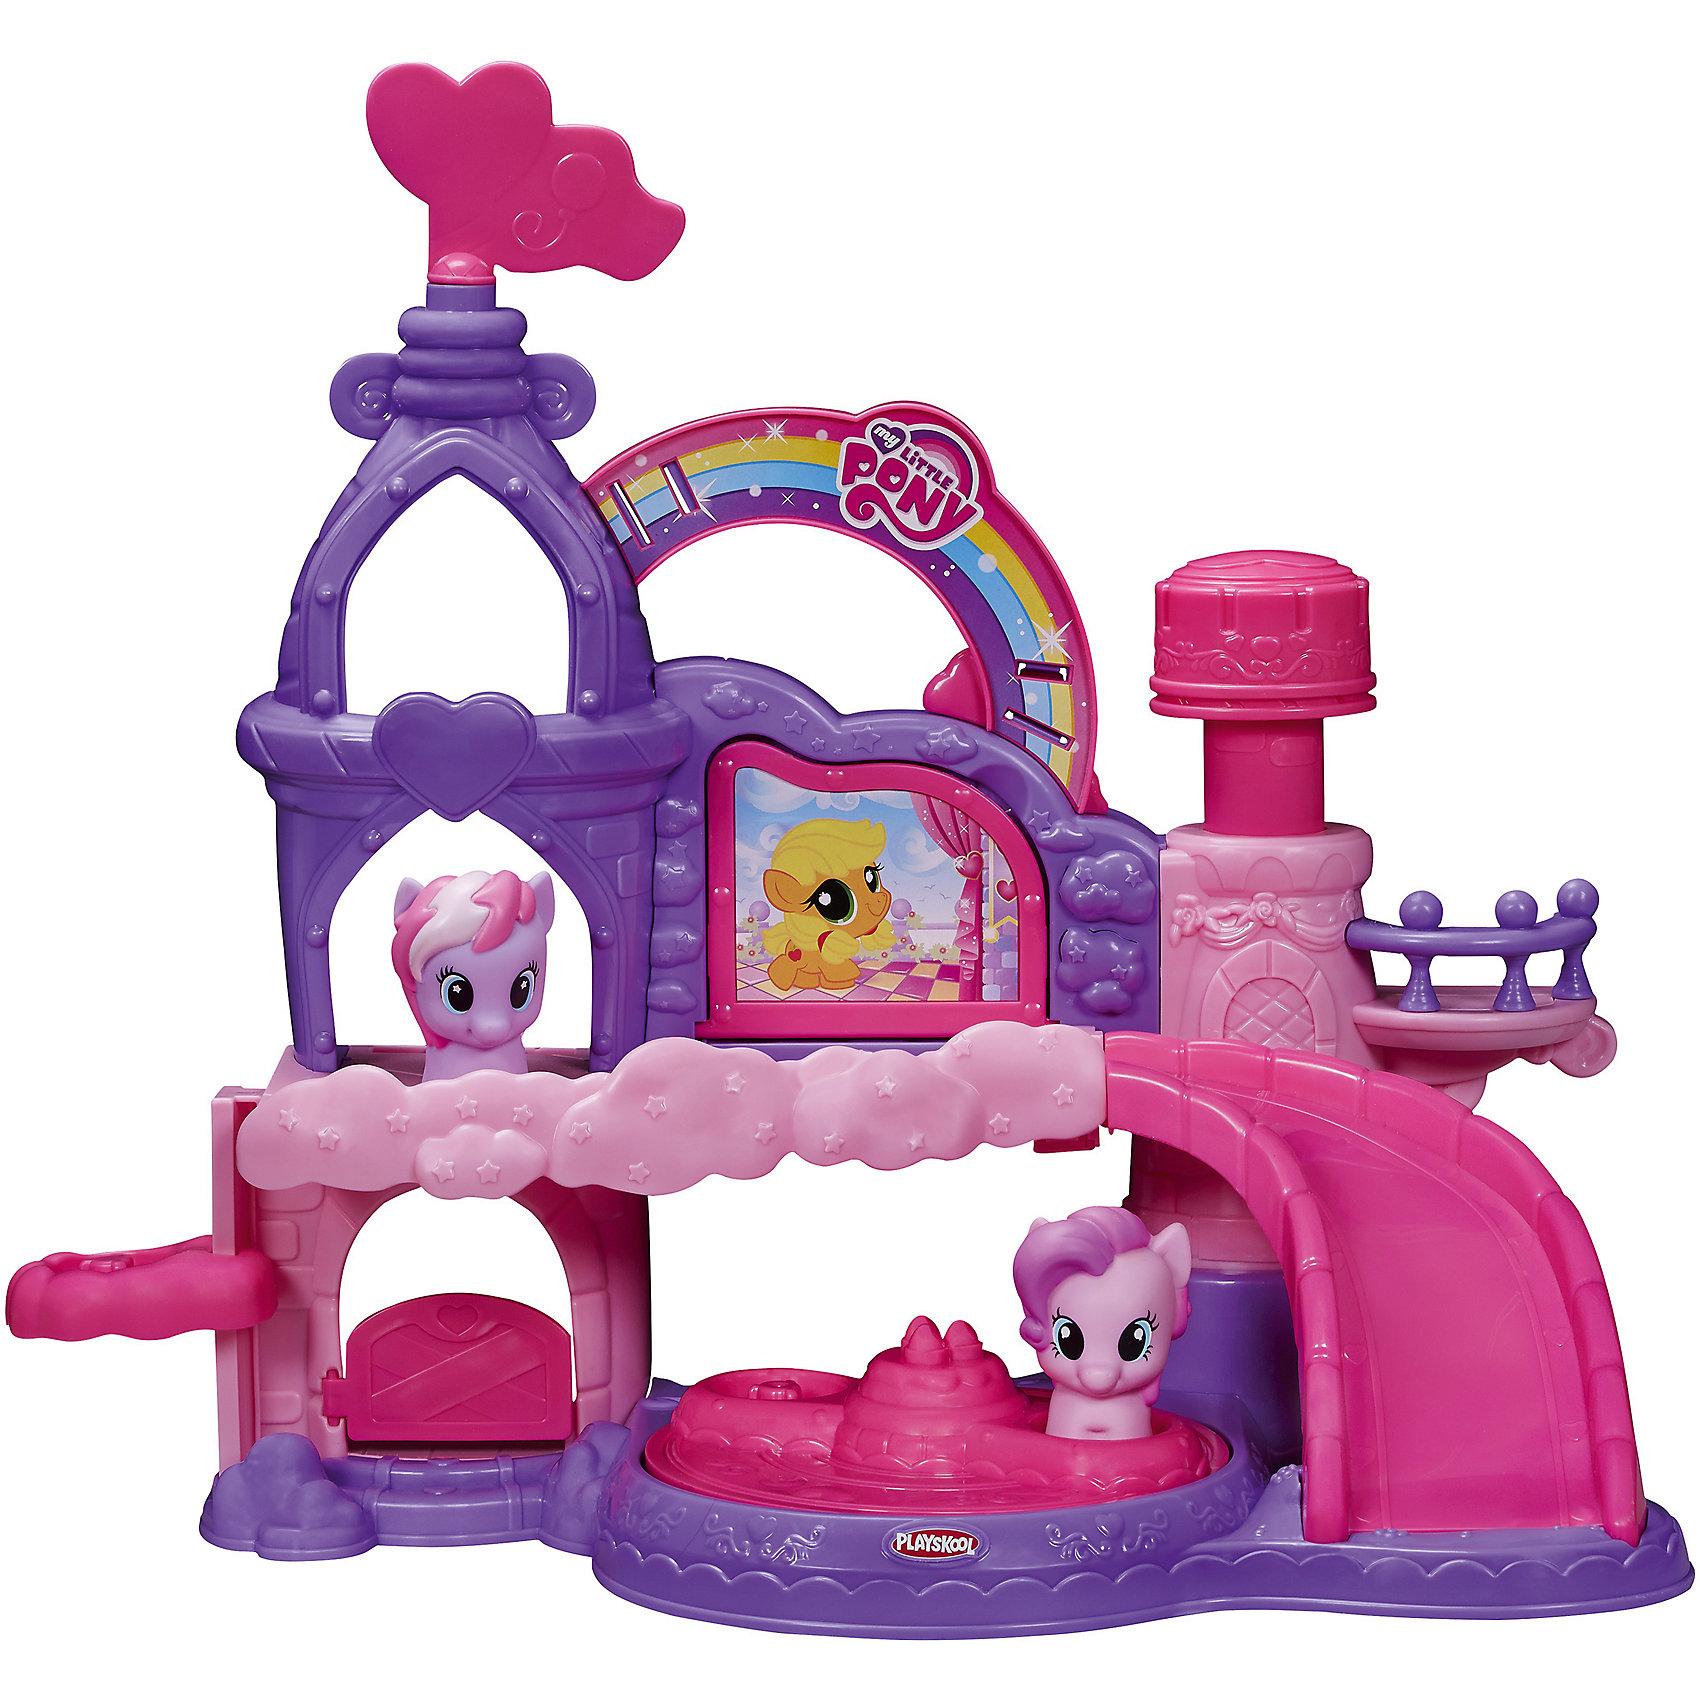 Музыкальный замок Пони, My little Pony, PLAYSKOOLПопулярные игрушки<br>Благодаря 5 подвижным частям, Музыкальный Замок развивает моторику ребенка. В комплекте идут 2 фигурки пони.<br><br>Ширина мм: 81<br>Глубина мм: 483<br>Высота мм: 406<br>Вес г: 1600<br>Возраст от месяцев: 18<br>Возраст до месяцев: 72<br>Пол: Женский<br>Возраст: Детский<br>SKU: 4252296